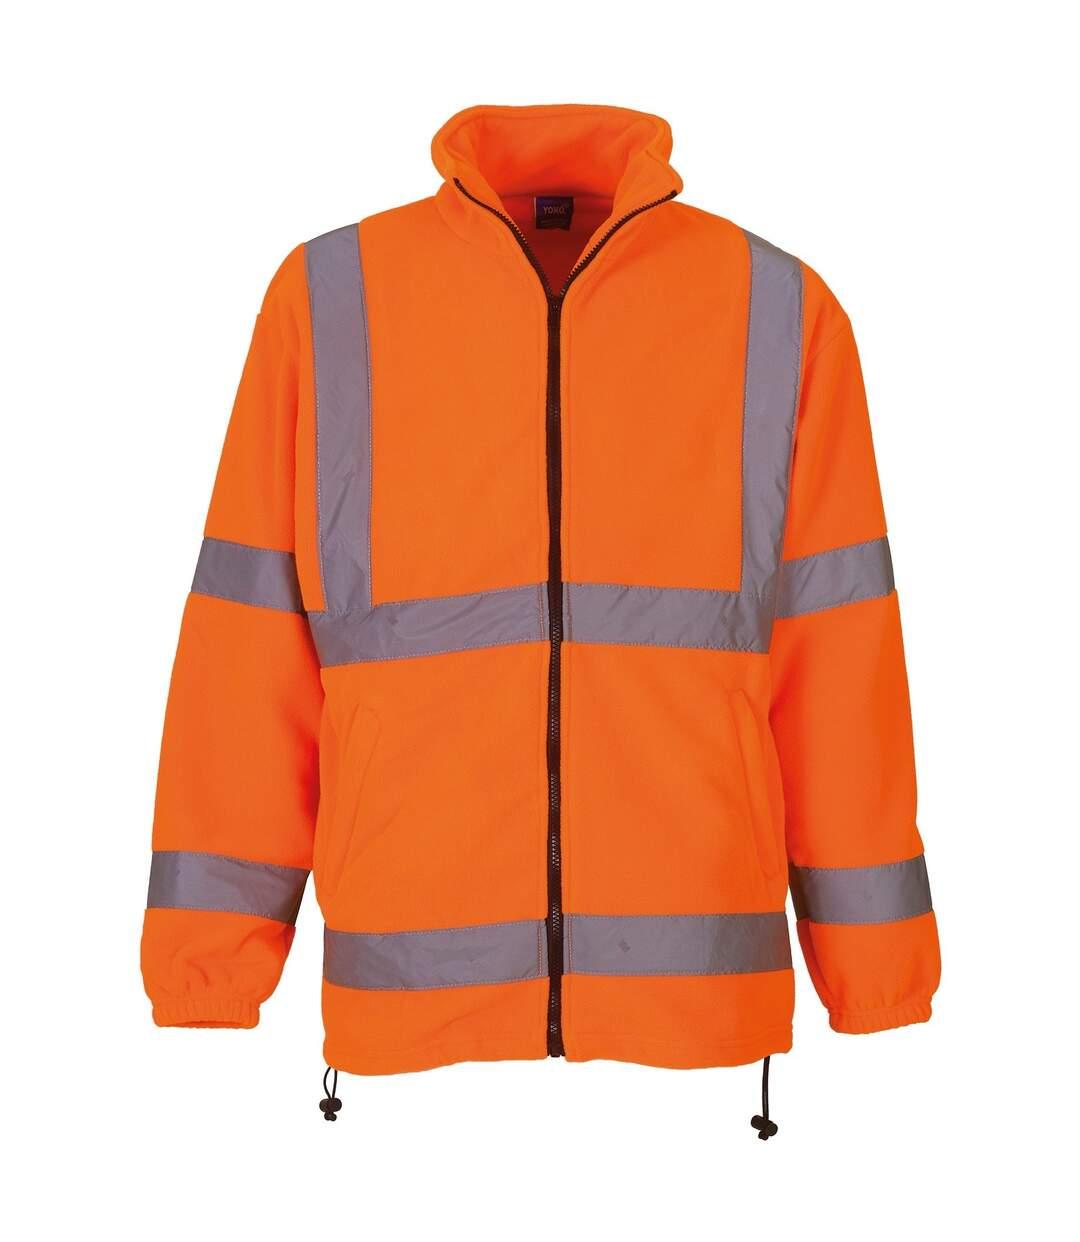 Yoko Mens Hi Vis Heavyweight Fleece Jacket (Pack of 2) (Orange) - UTRW6875